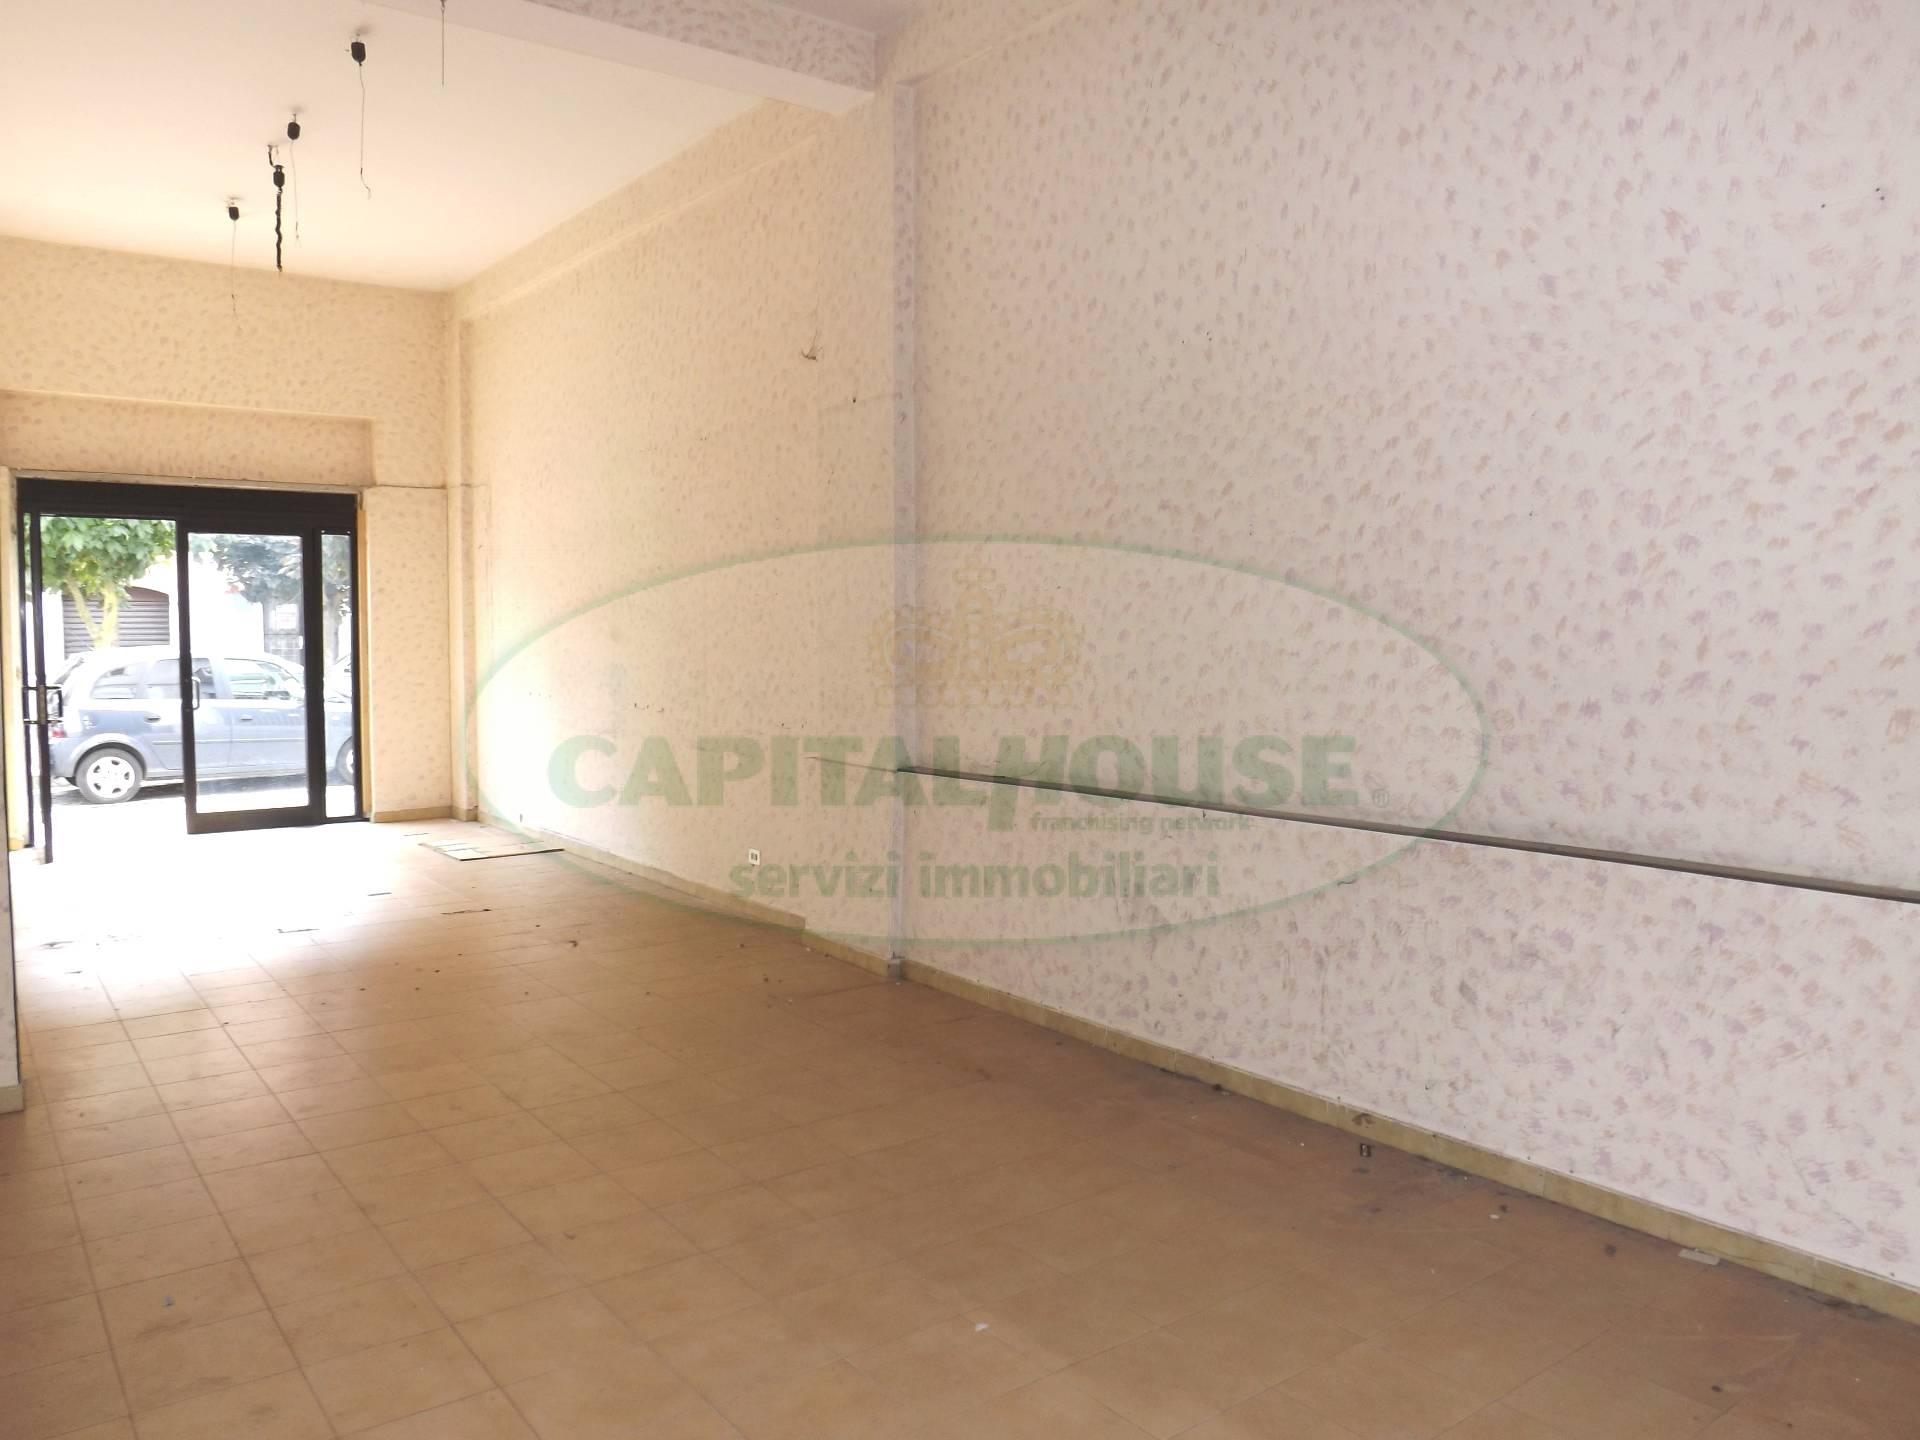 Negozio / Locale in affitto a Atripalda, 9999 locali, prezzo € 350 | Cambio Casa.it